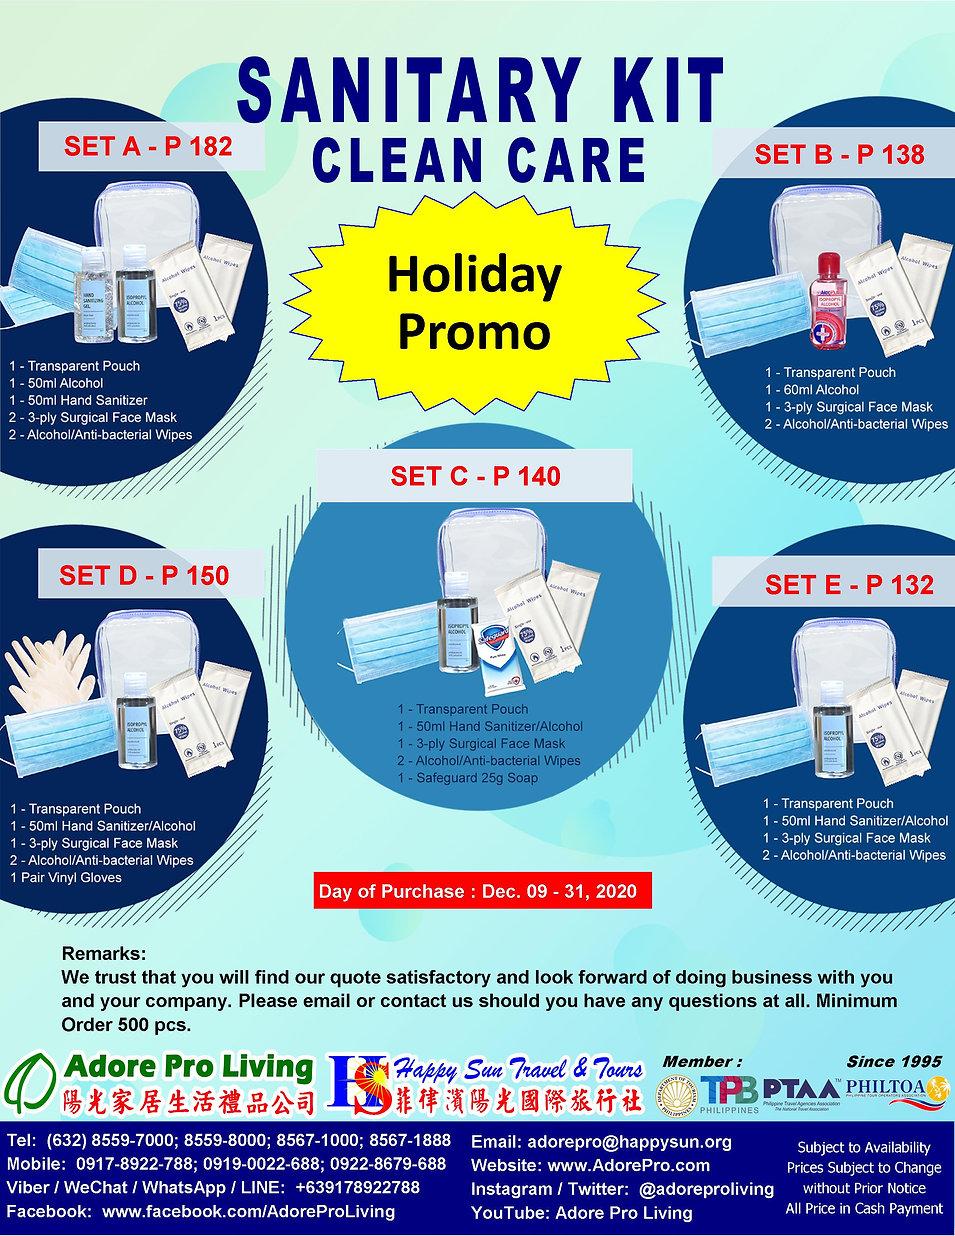 P1_201209_AdorePro_Sanitary Kit.jpg